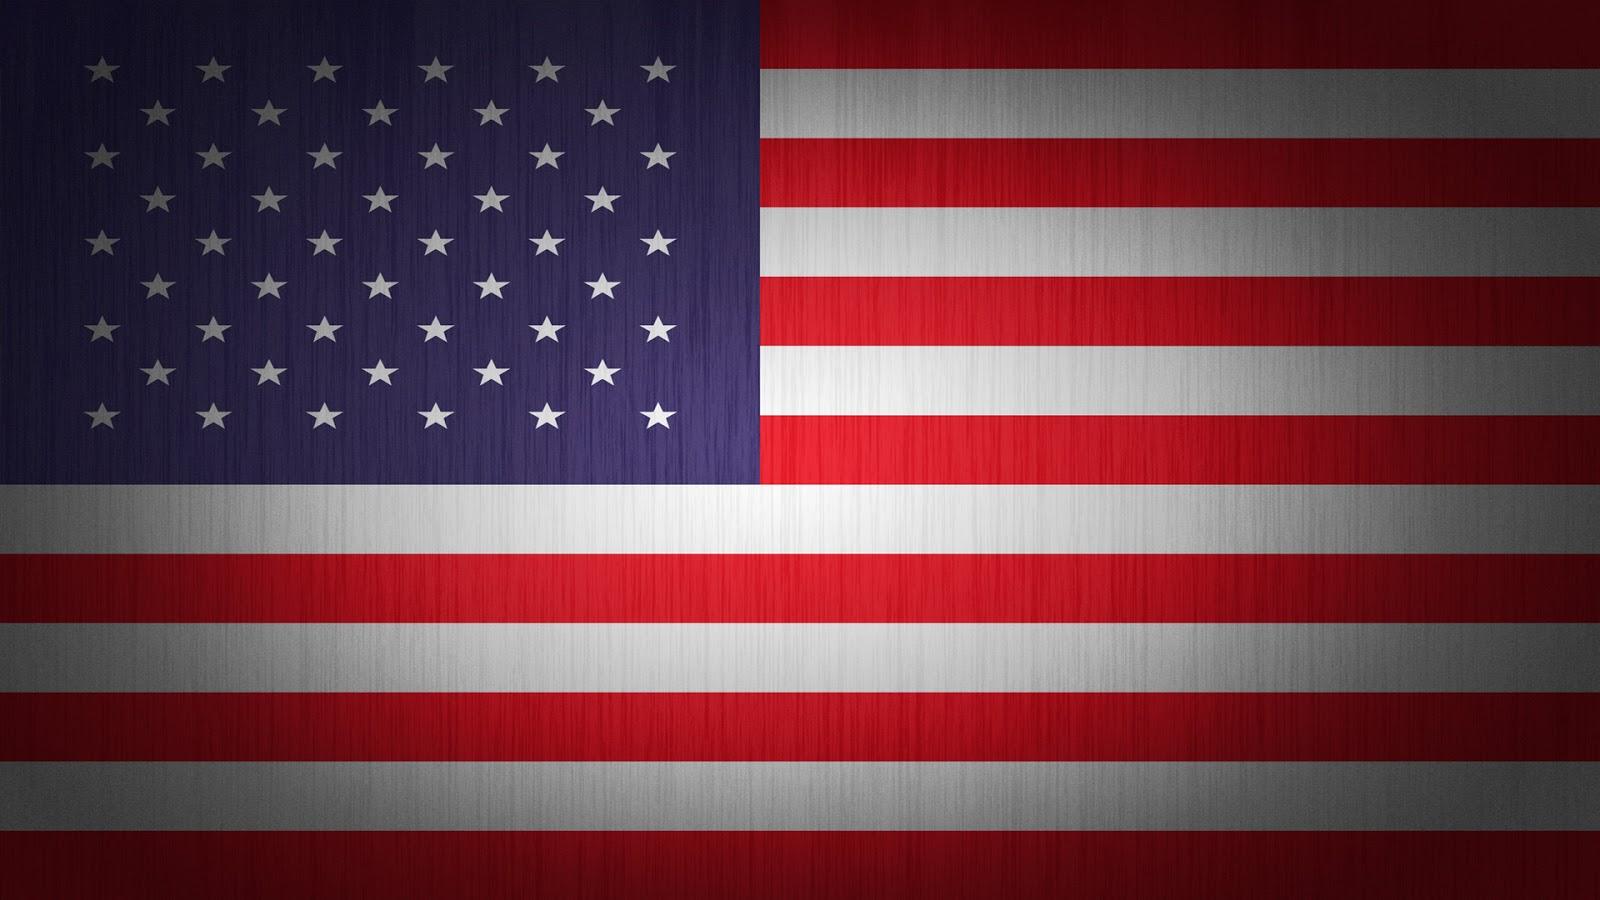 http://3.bp.blogspot.com/-7fybRersaP8/URgm0l4nc0I/AAAAAAAAAdY/bpH3keVLlag/s1600/flags-usa-american-flag-1920x1080-wallpaper.jpg